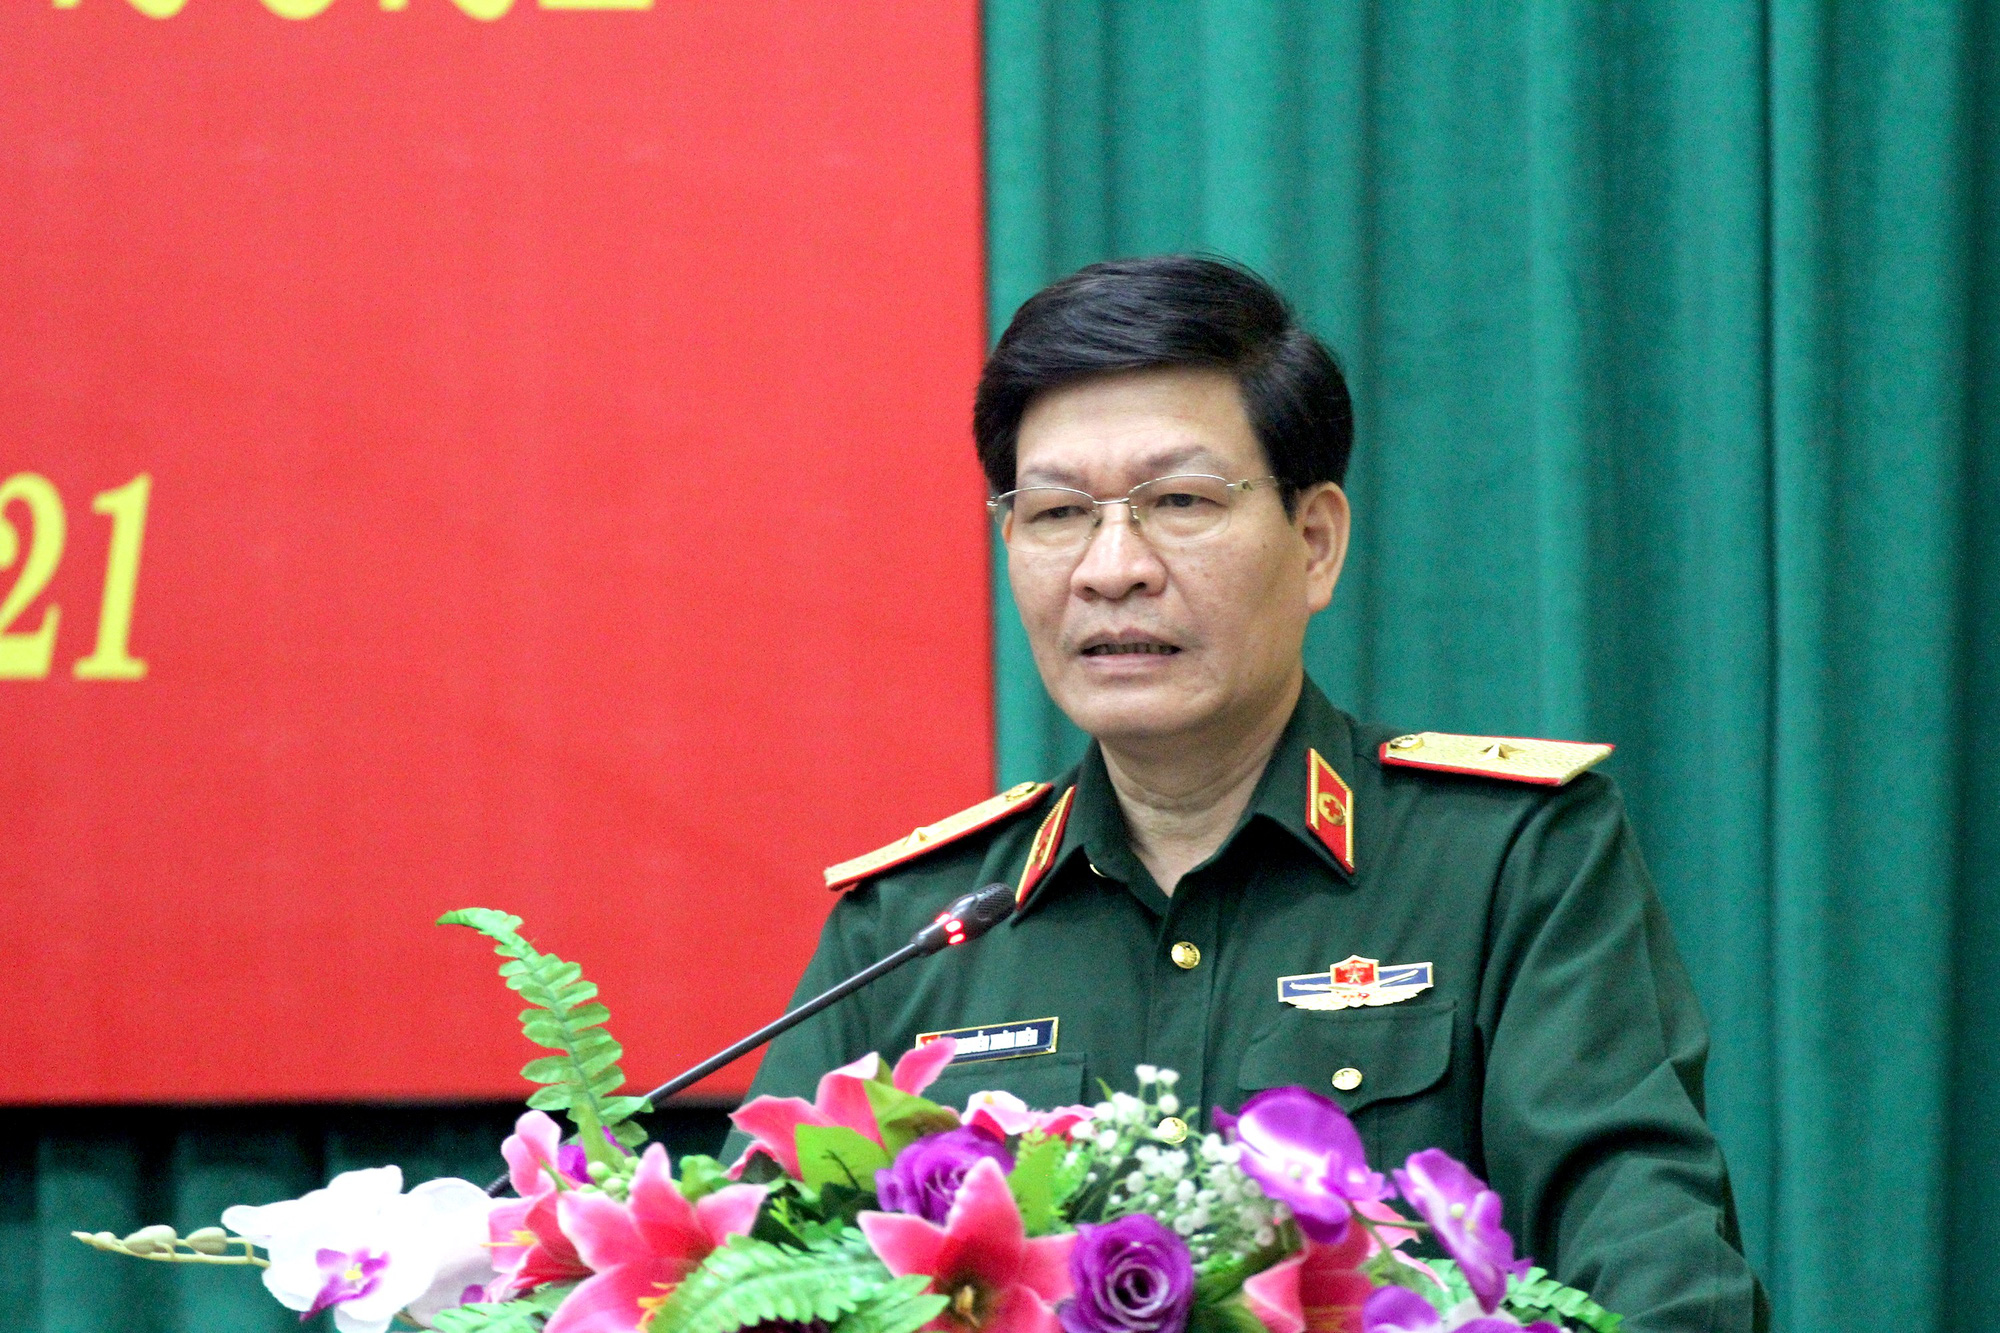 Quân đội sẵn sàng bàn giao đất quốc phòng phục vụ phát triển kinh tế - Ảnh 3.